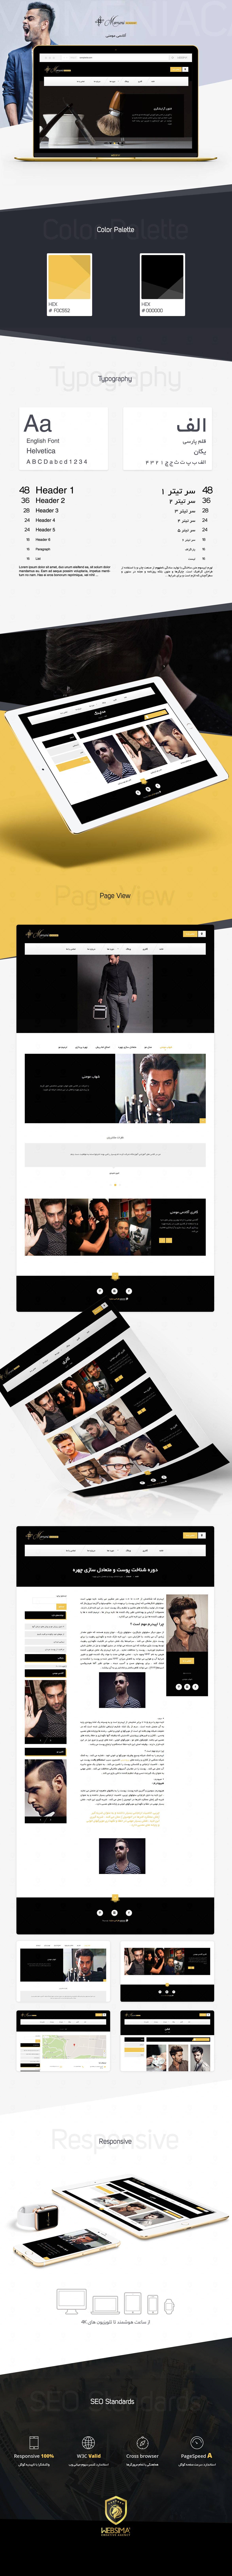 طراحی سایت آموزشگاه مومنی